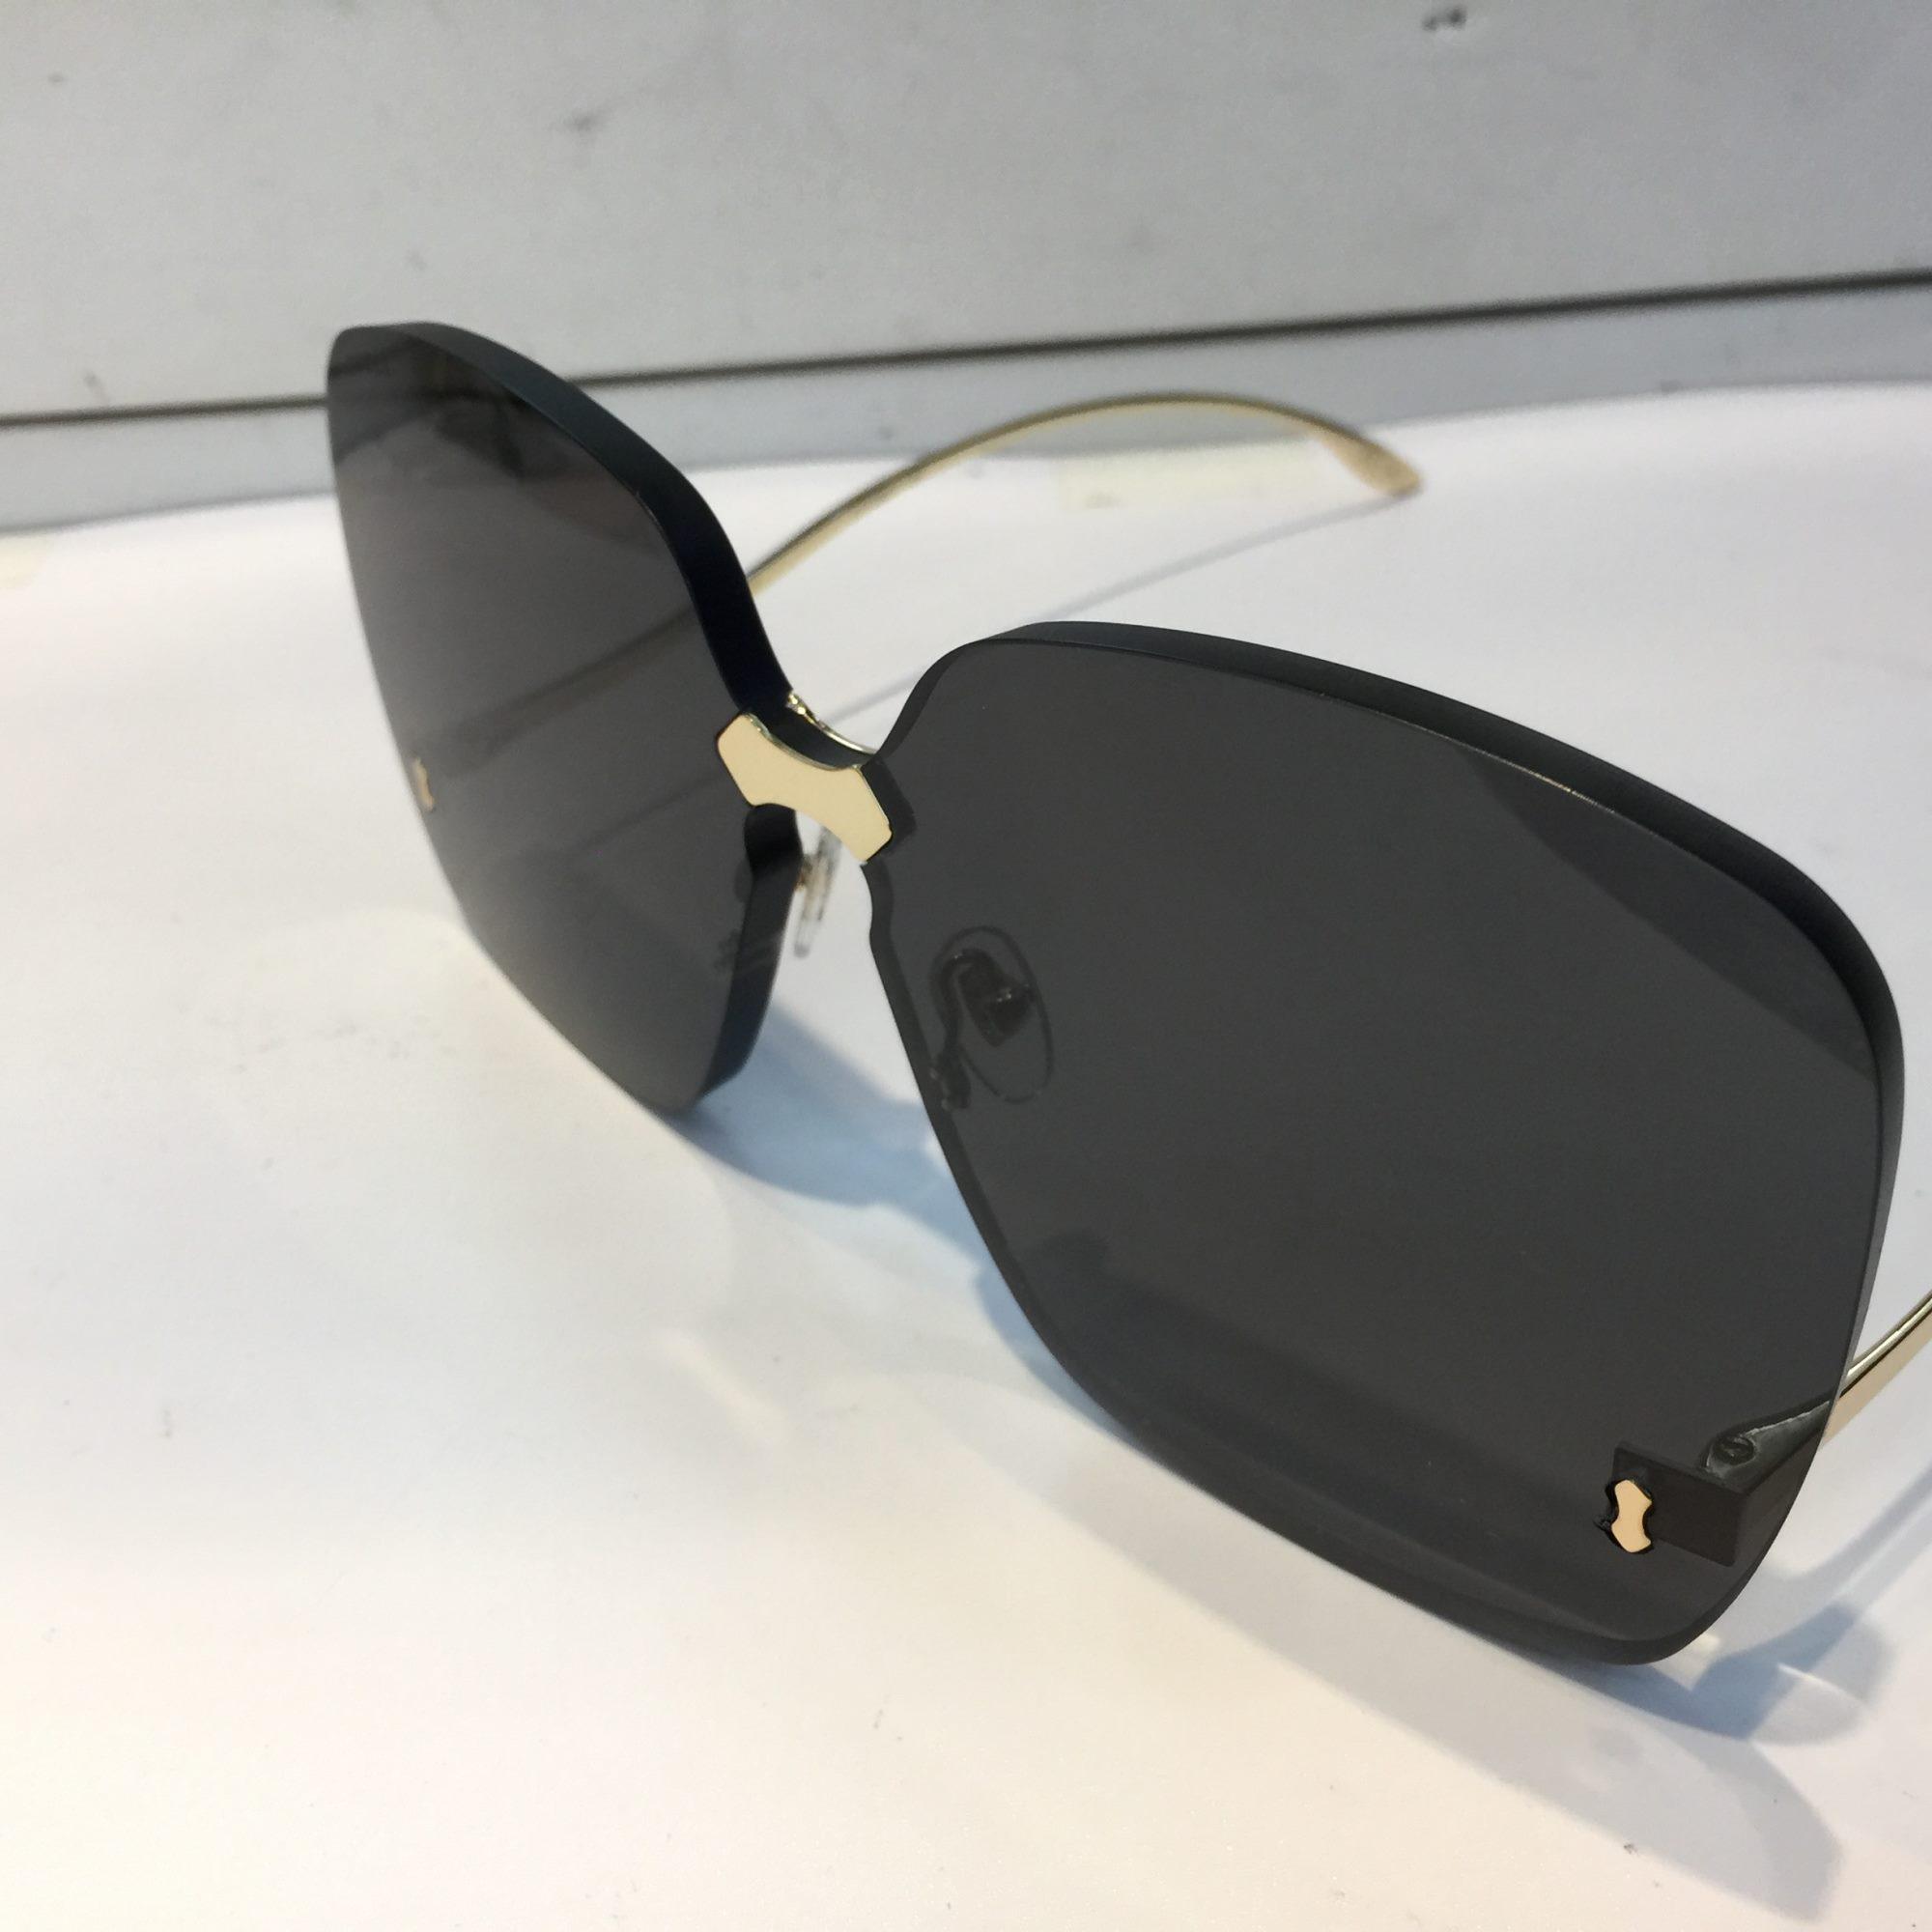 Оптом-0352 Солнцезащитные очки для женщин Дизайн Модные солнцезащитные очки Wrap Sunglass Безрамное покрытие Зеркальный объектив Углеродное волокно Ноги Летний стиль